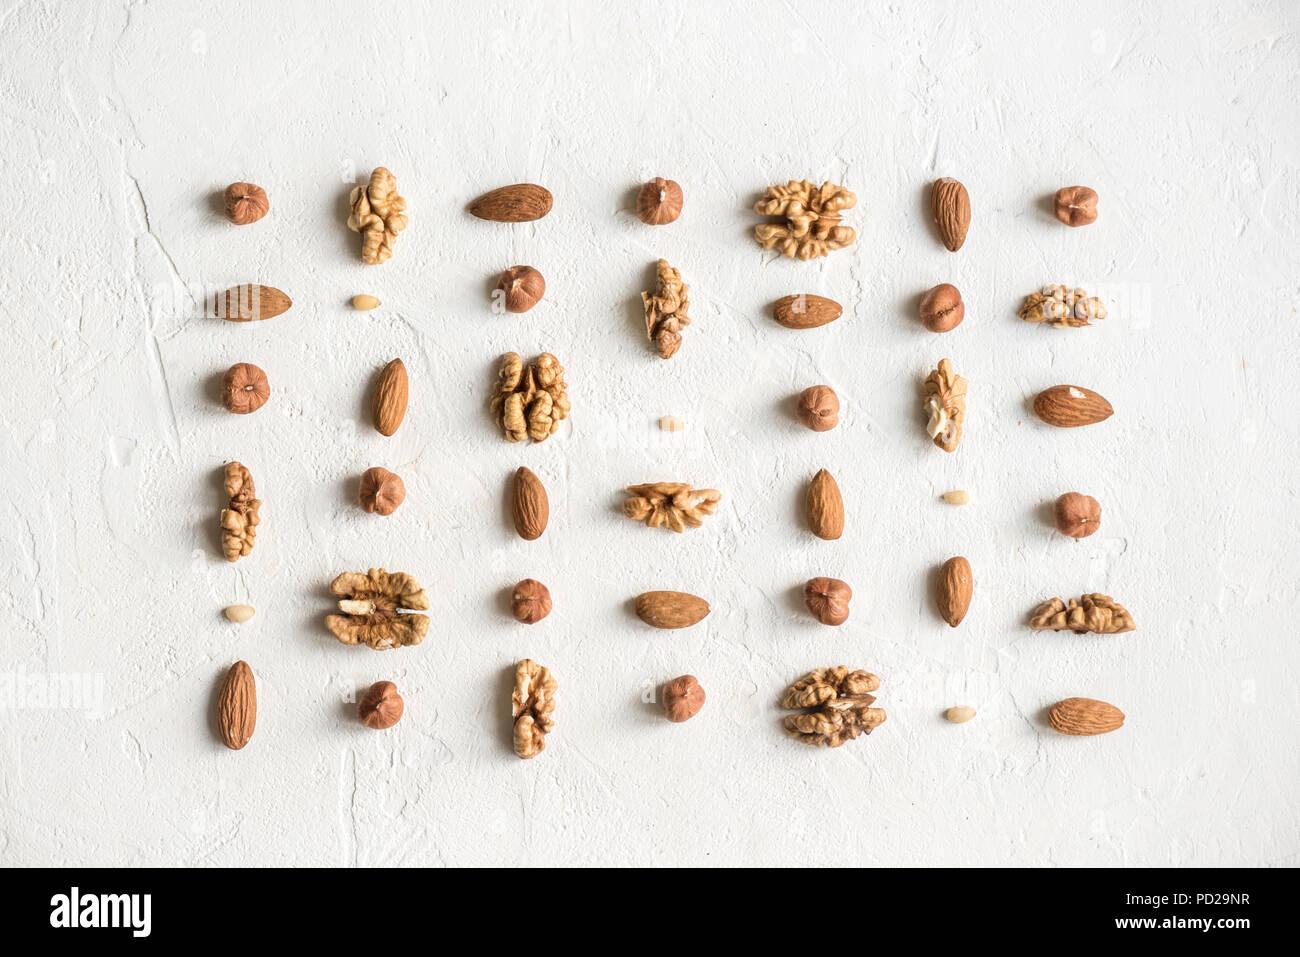 Verschiedene Nüsse (Walnüsse, Haselnüsse, Mandeln und Pinienkernen) Wiederholung auf weißem Hintergrund Muster-, Flach mit kopieren. Stockbild